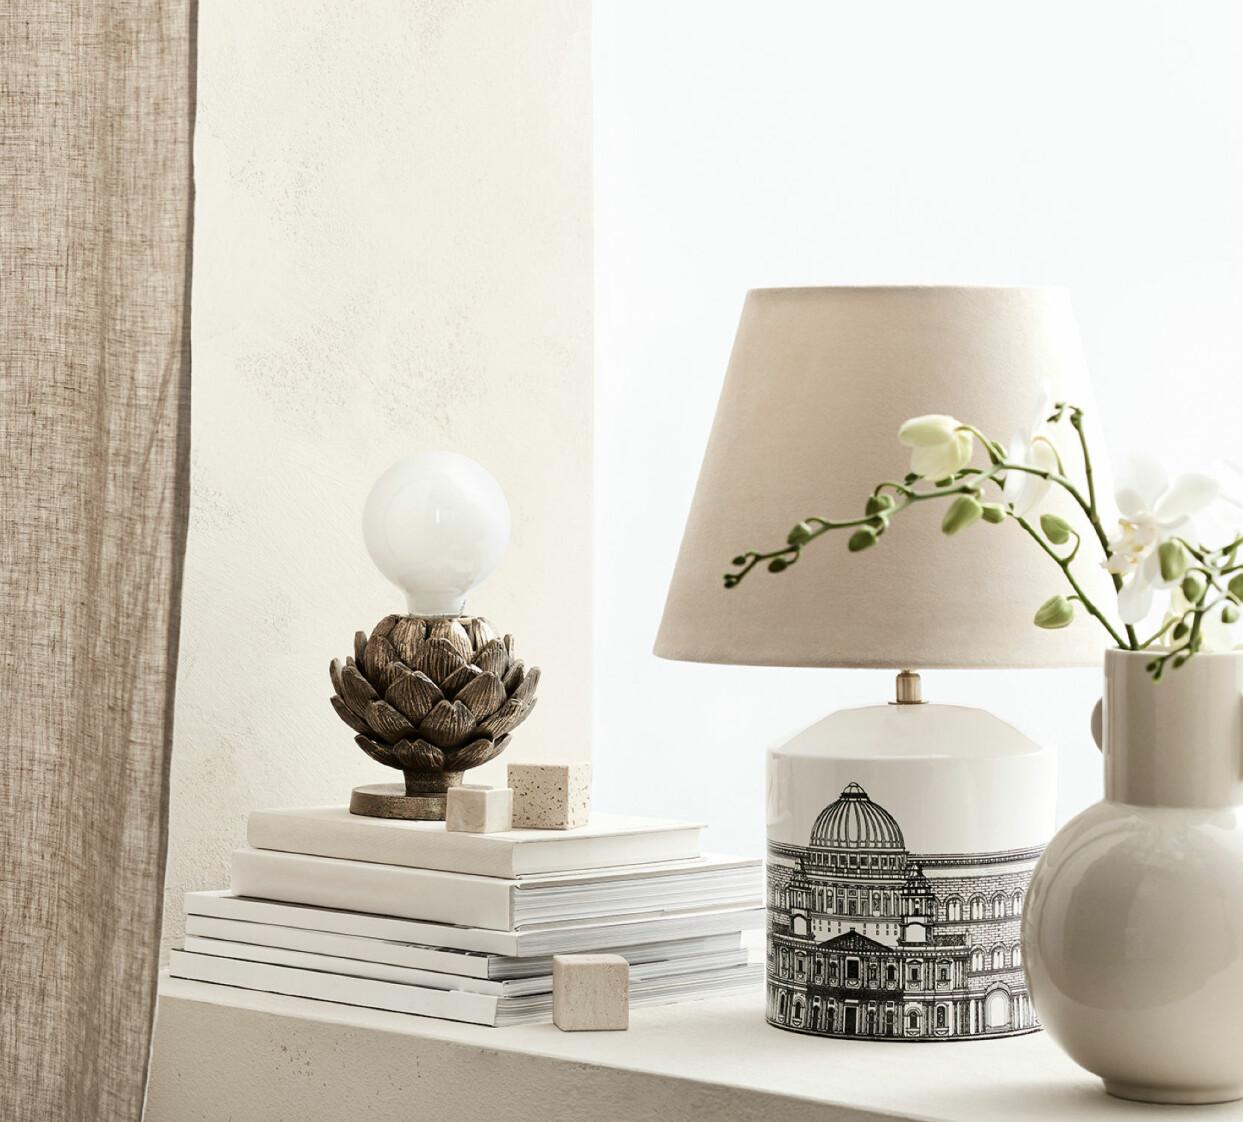 Lampfot med tryckt motiv, från H&M Home